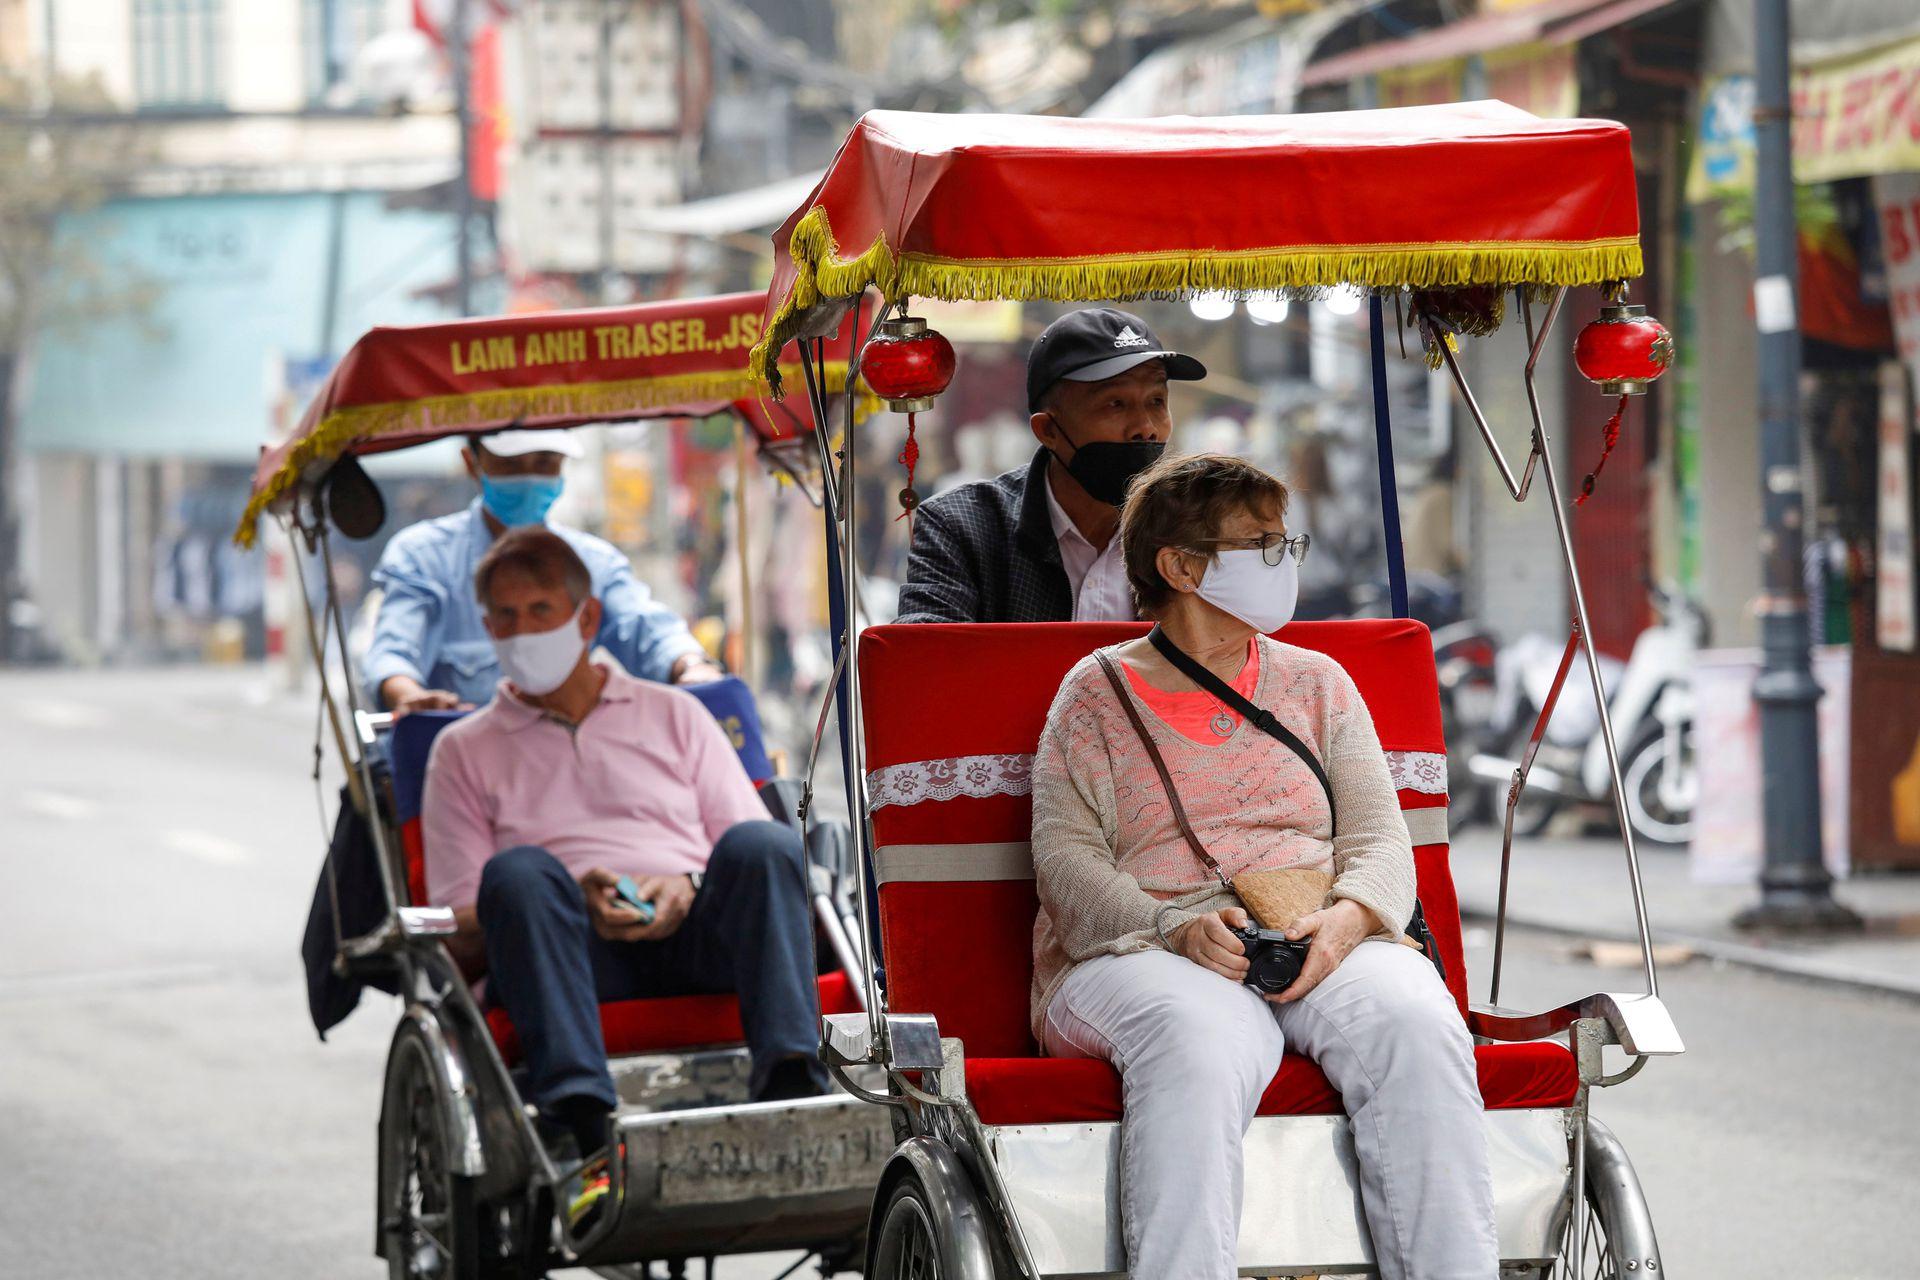 两名外国游客在2020年3月时戴着口罩,搭乘载客三轮车徜徉于越南河内老城区的街道。此后,越南开始了更为严格的封闭与防疫措施,到2020年6月,越南全境只接纳了约九千名外国旅游者。此举虽然让越南的旅游业陷入冰点,但对国内防疫态势形成了有效的帮助。(路透社)